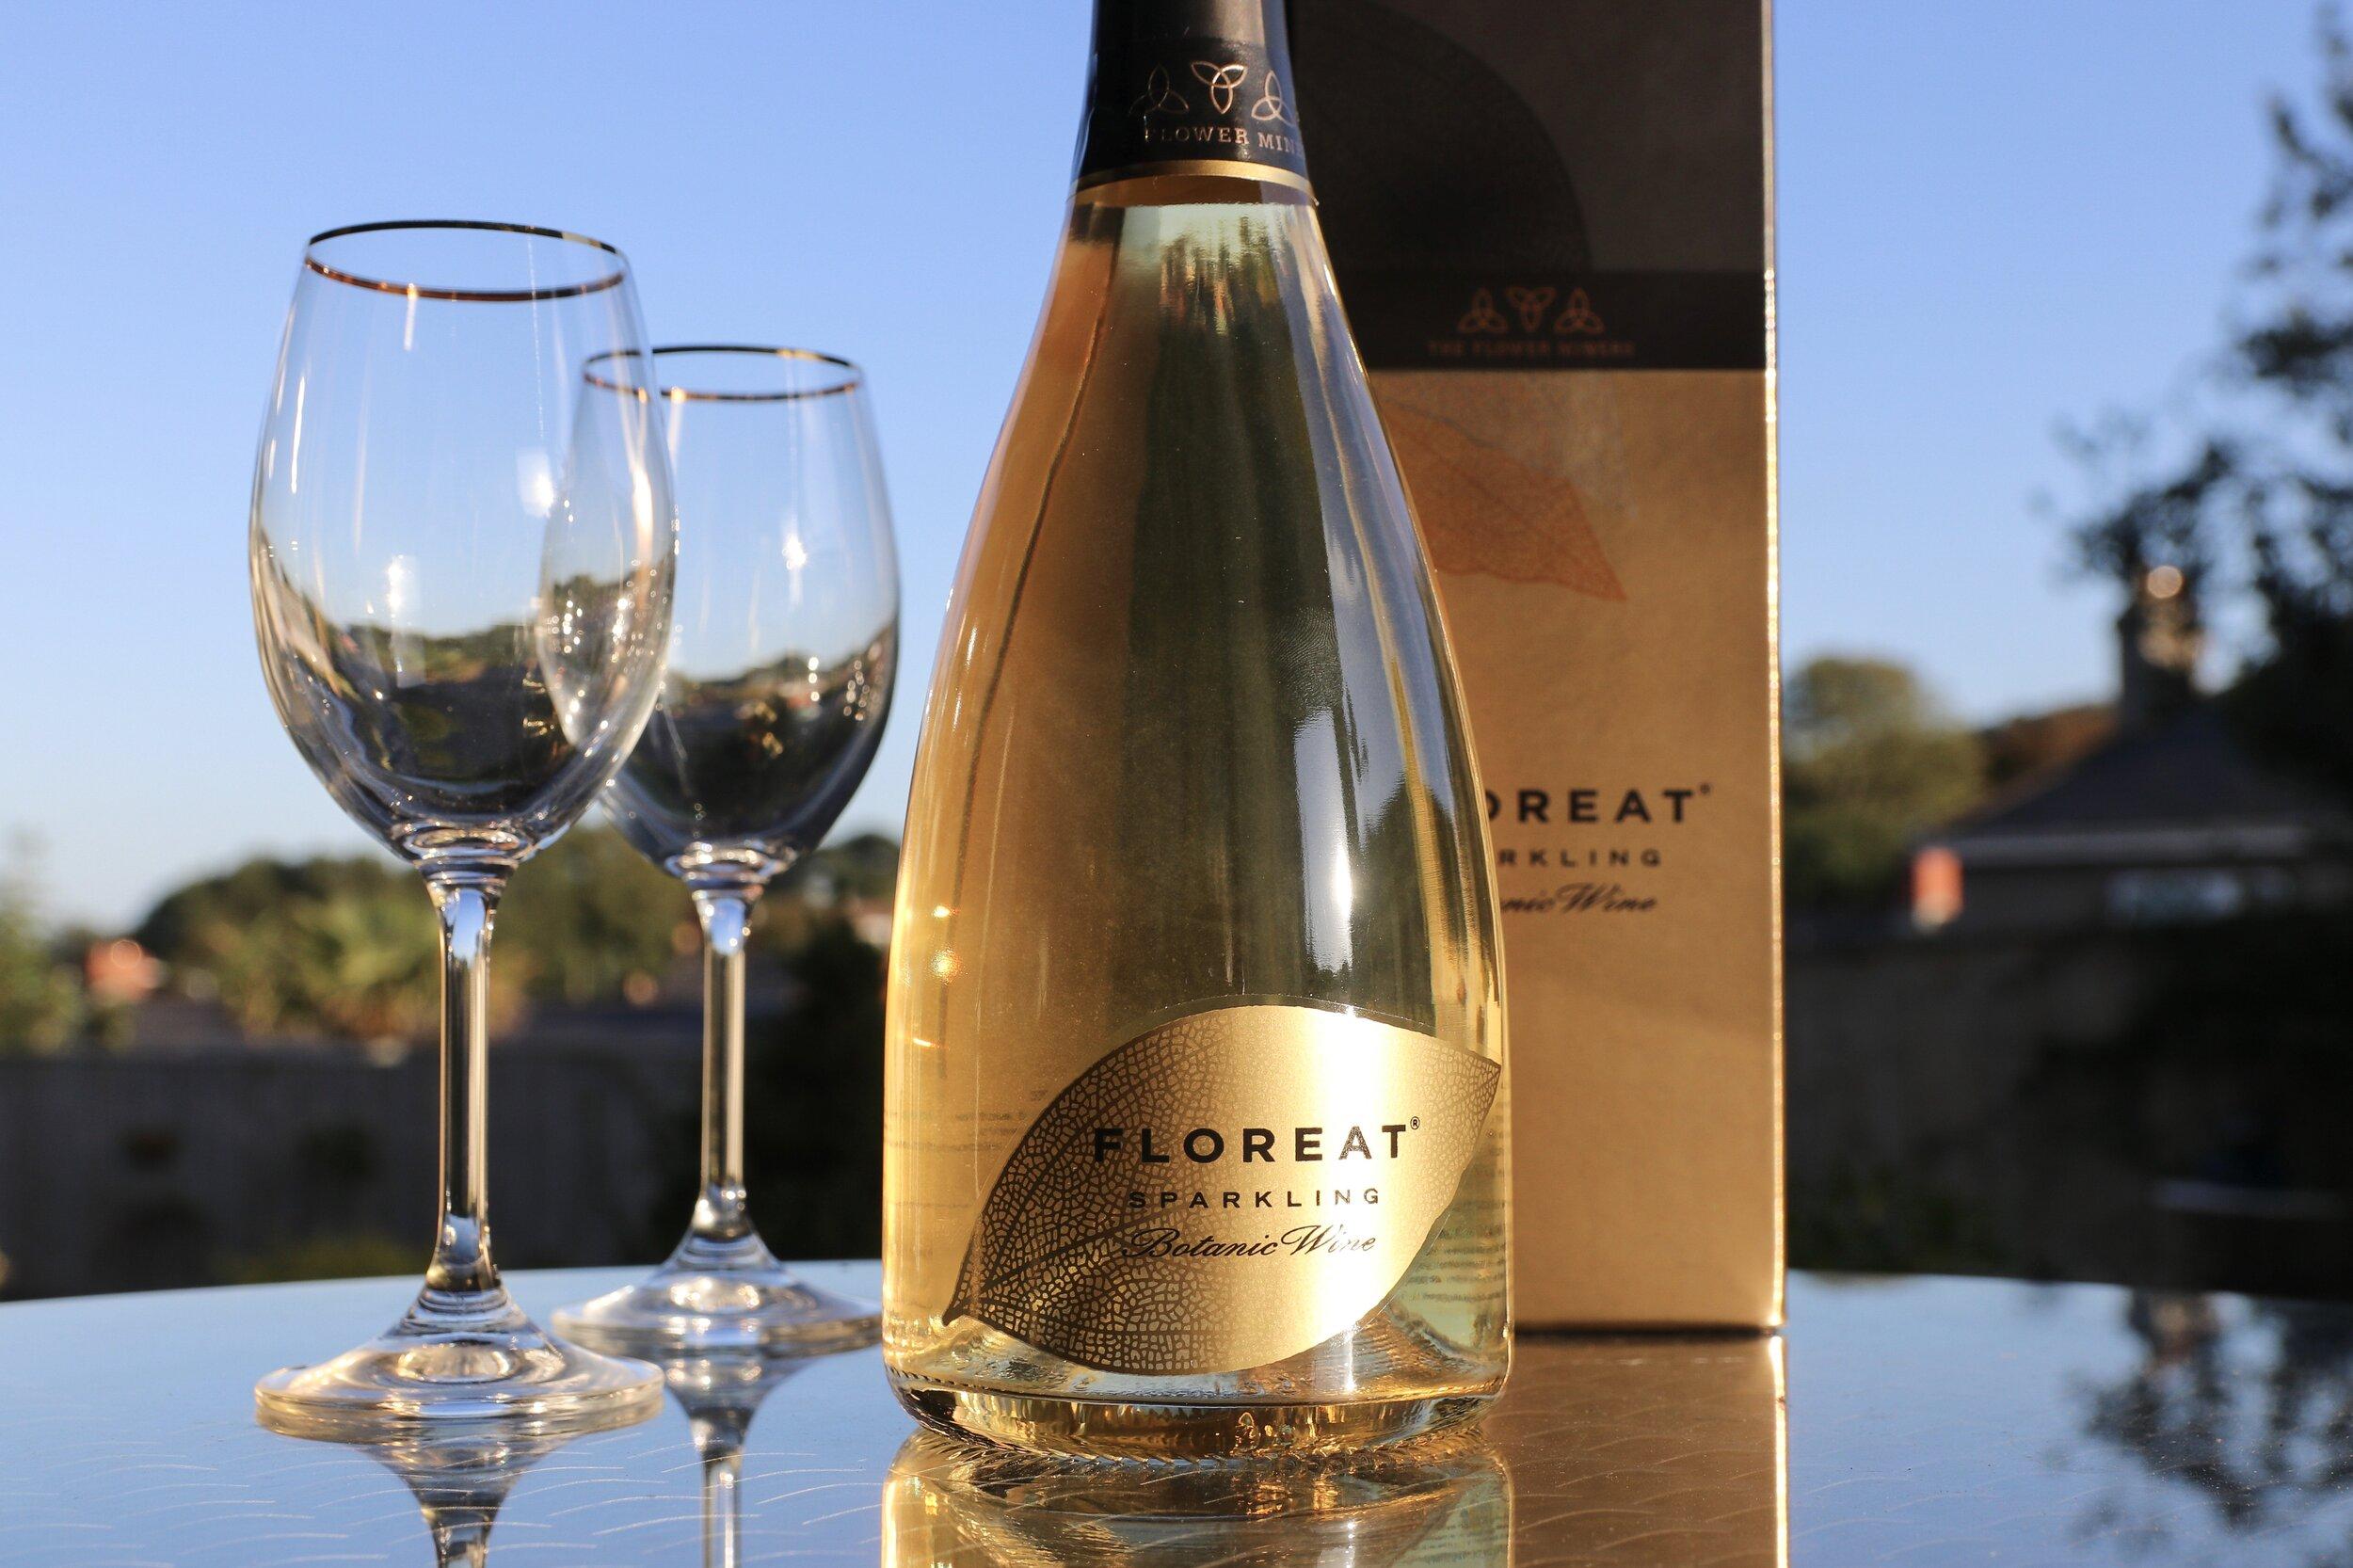 Floreat wines